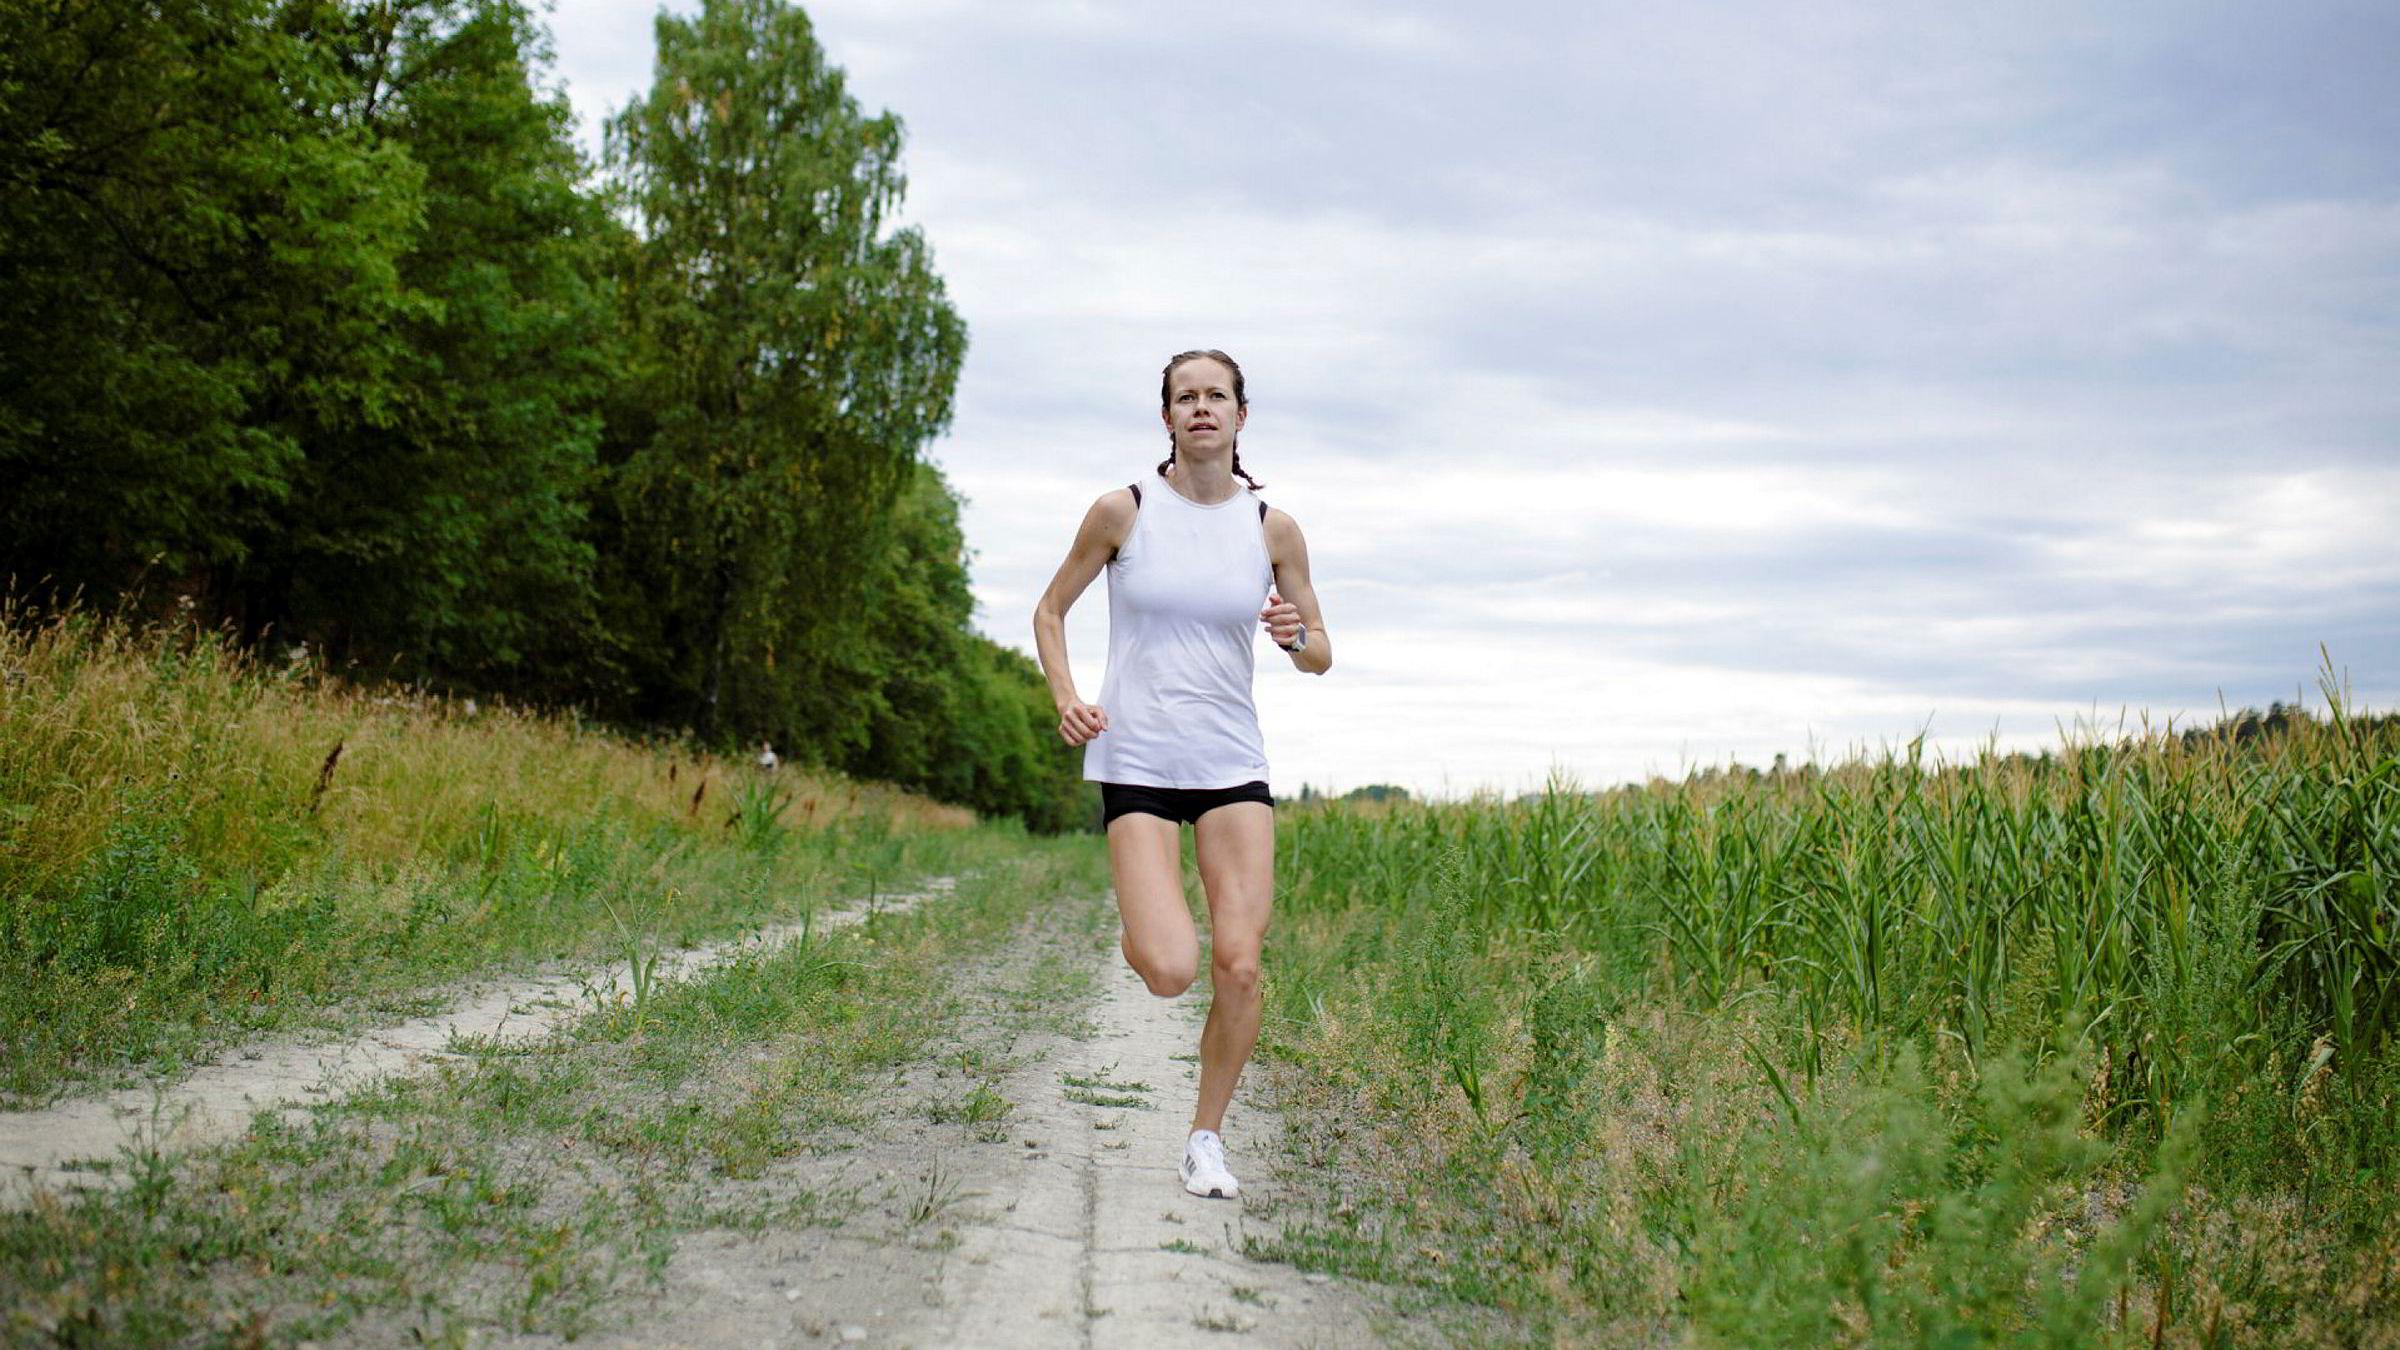 Silje Fjørtoft advarer folk mot å trene fort hardt i årets sommervarme. Foto: